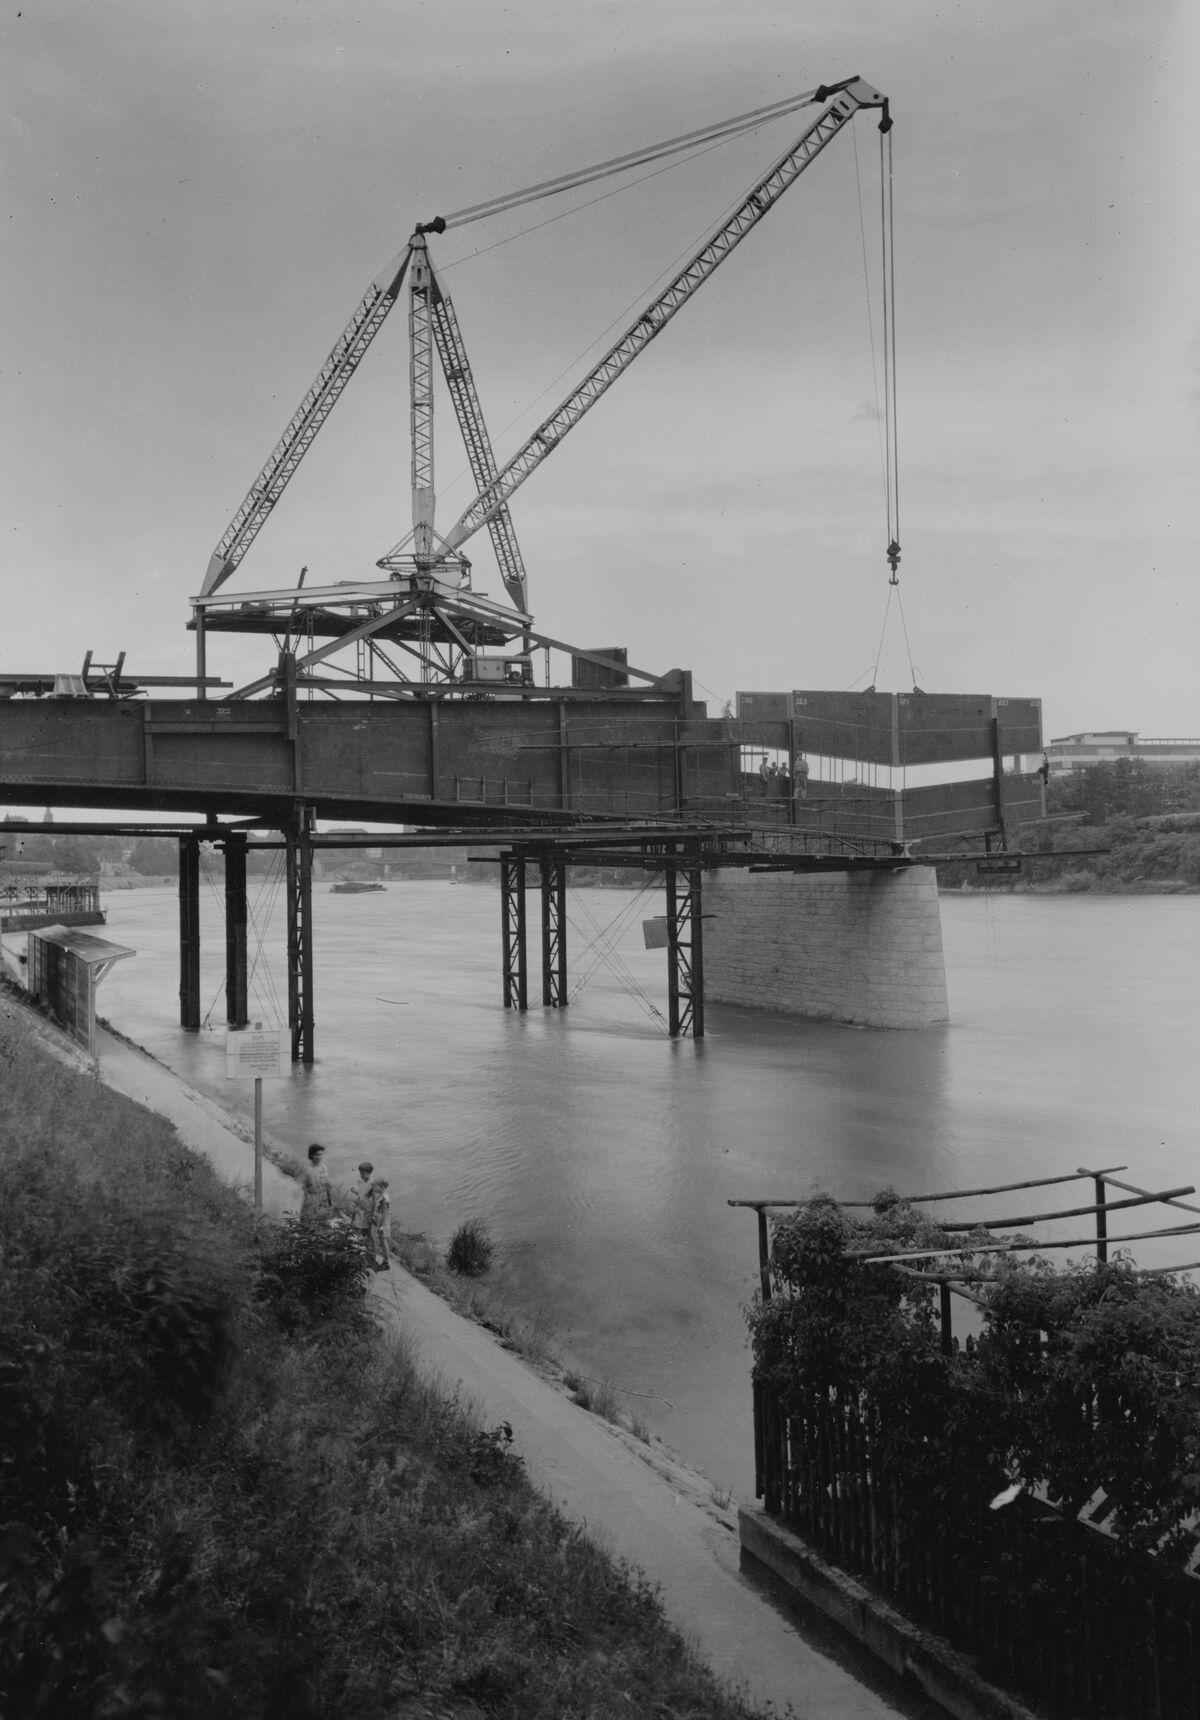 GFA 20/135.220: Stahl- und Brückenbau: St.Albanbrücke in Montage